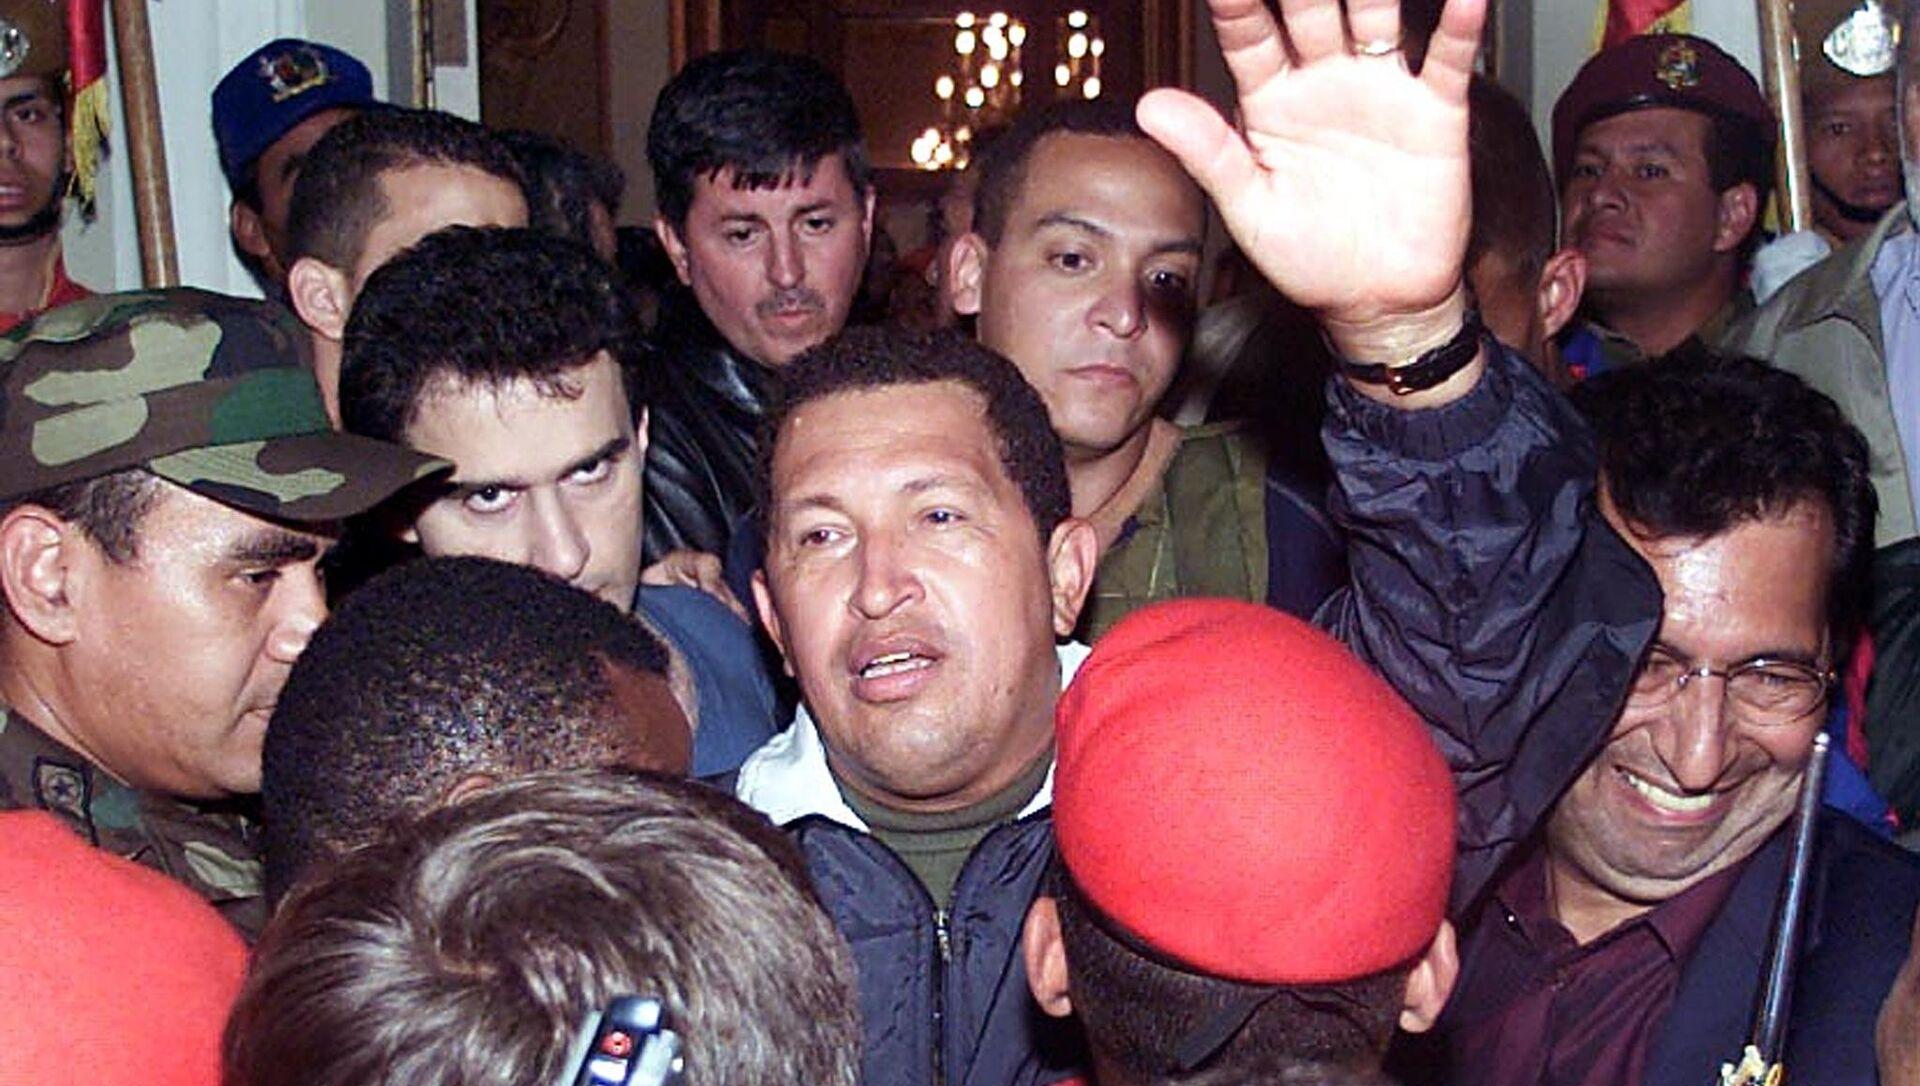 Hugo Chávez regresando al gobierno tras el fallido Golpe de Estado de 2002 en Venezuela - Sputnik Mundo, 1920, 14.04.2019